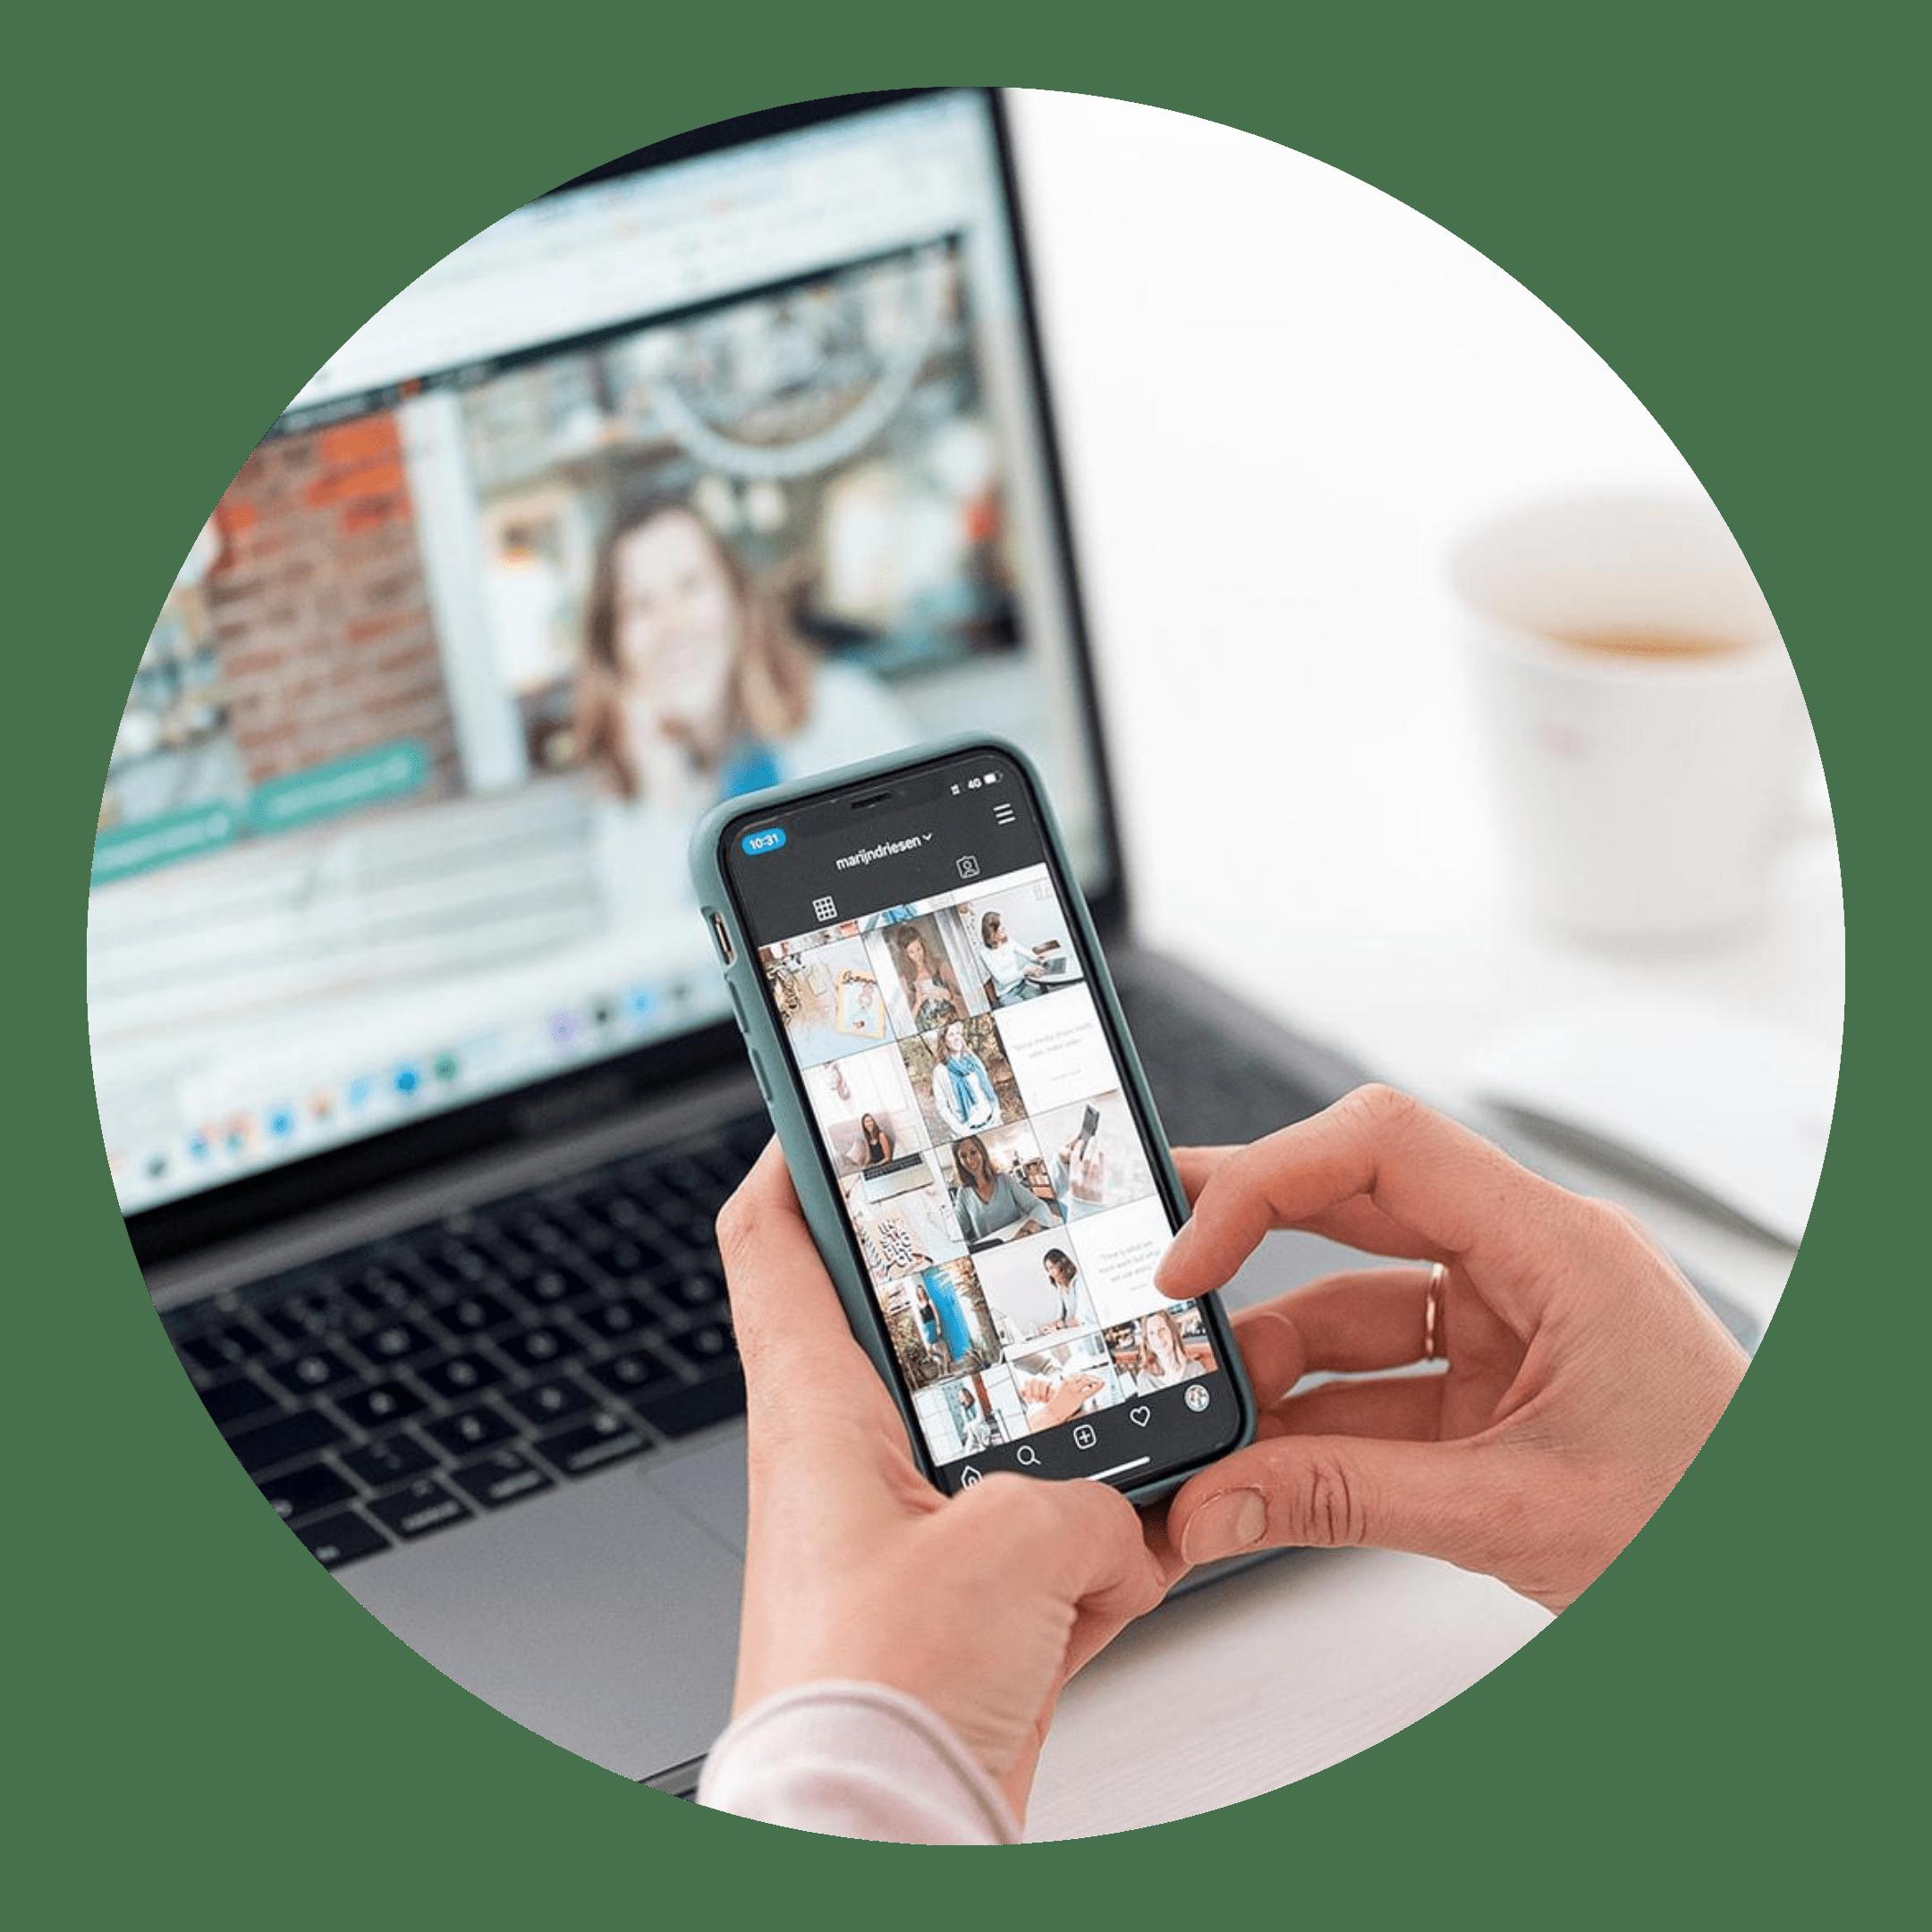 Vrouw met telefoon en laptop op de achtergrond